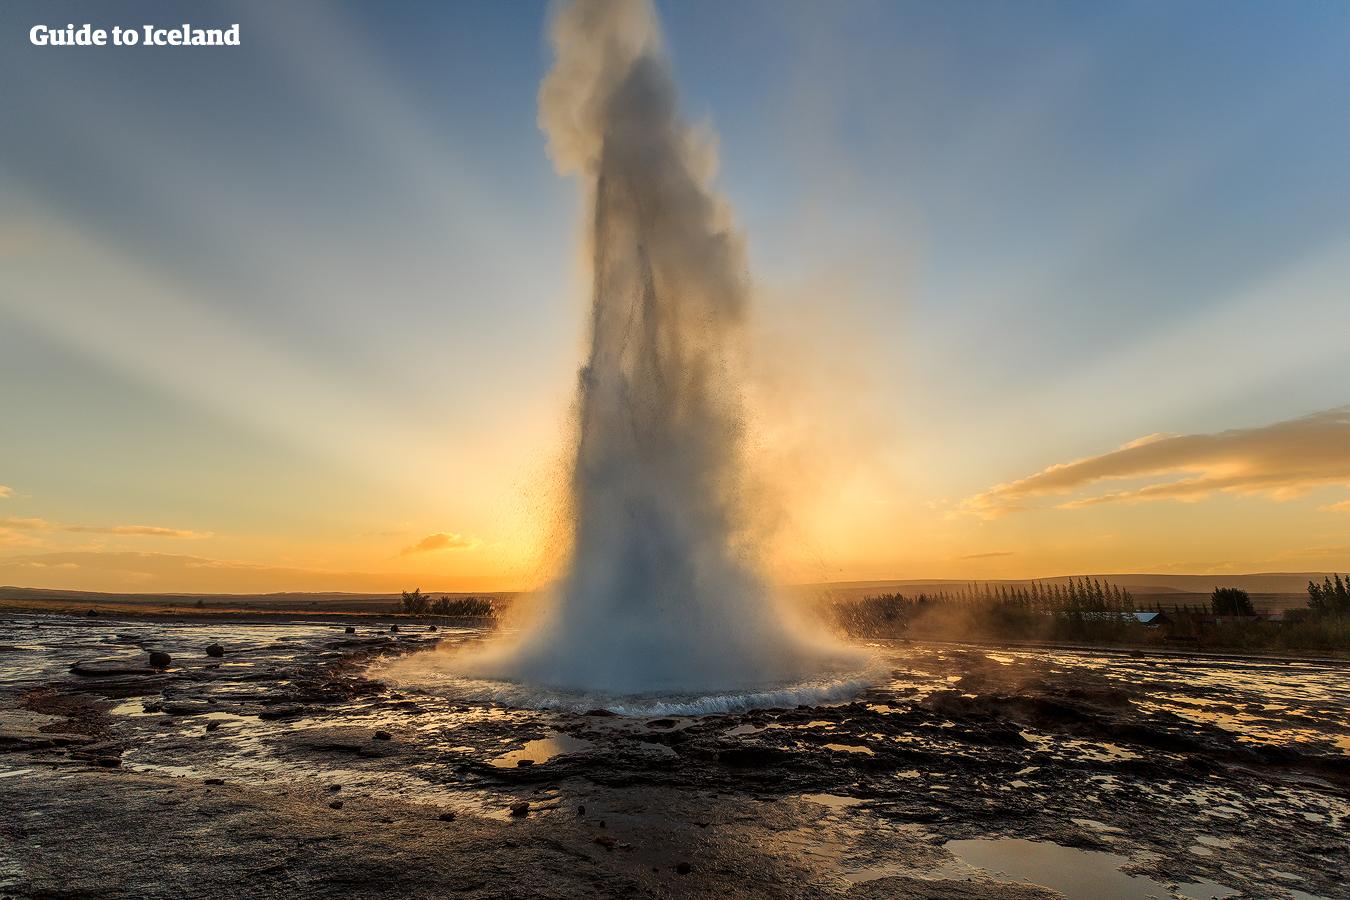 Midnattssolen lyser opp nettene på Island, og dermed er det mulig å dra på leiebiltur om kvelden i Den gylne sirkel.